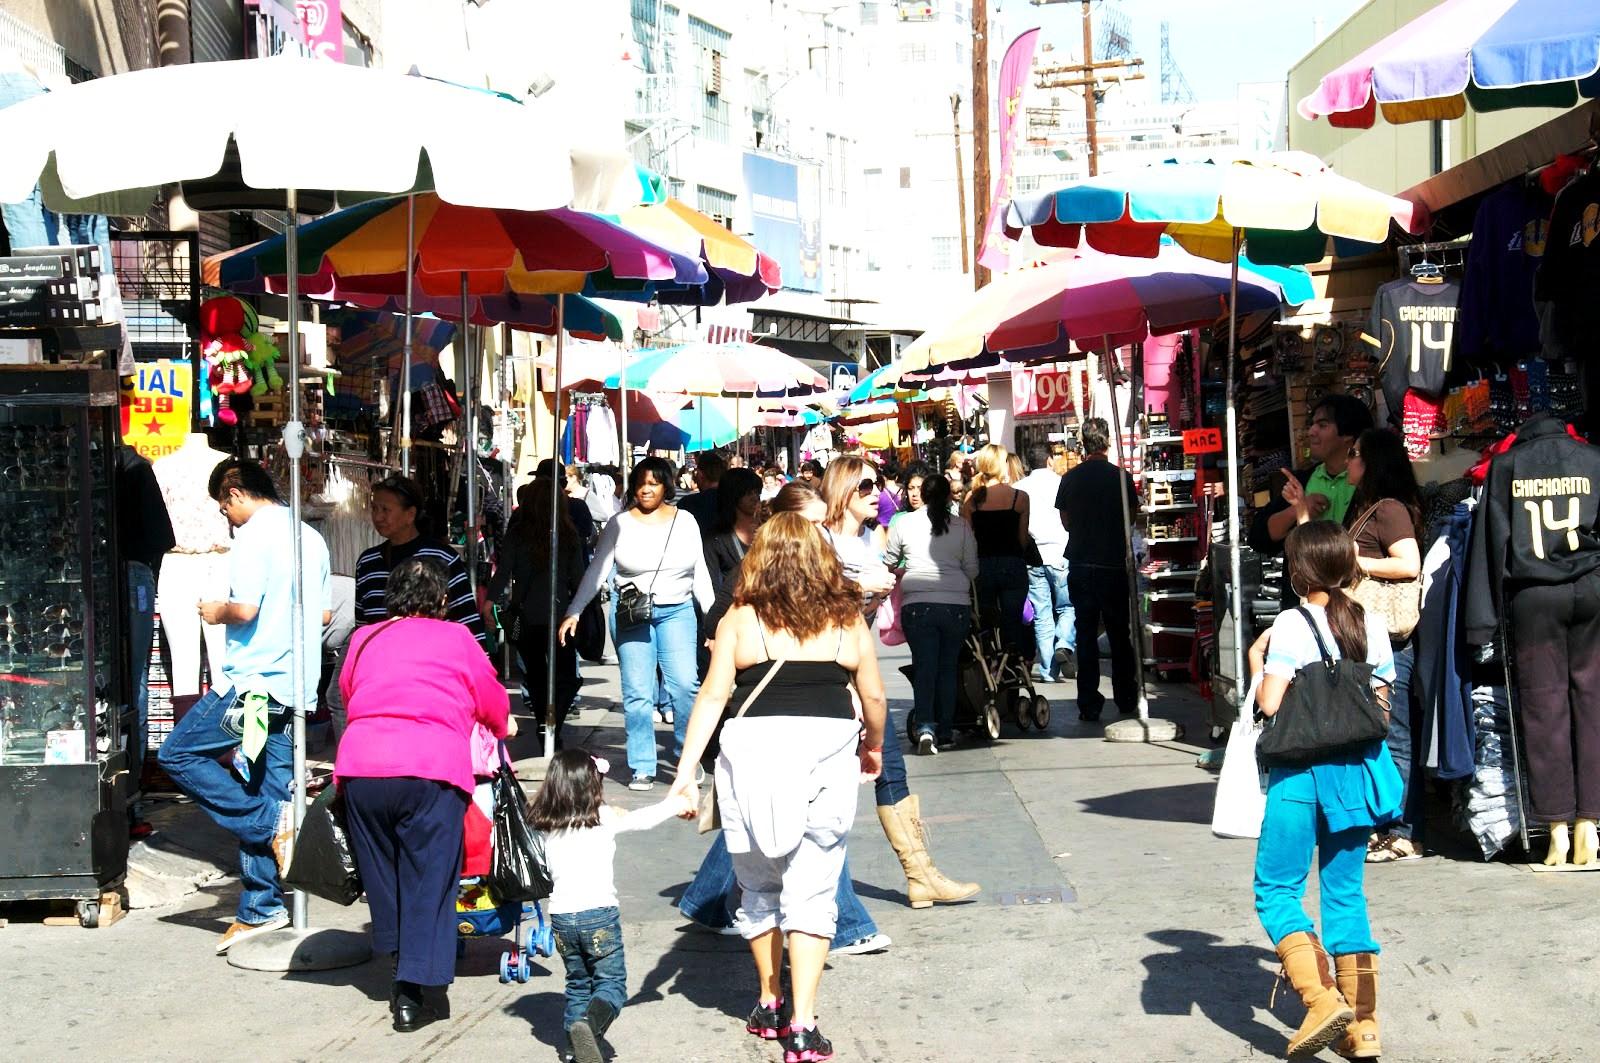 La la fashion district - Fashion District Downtown Los Angeles